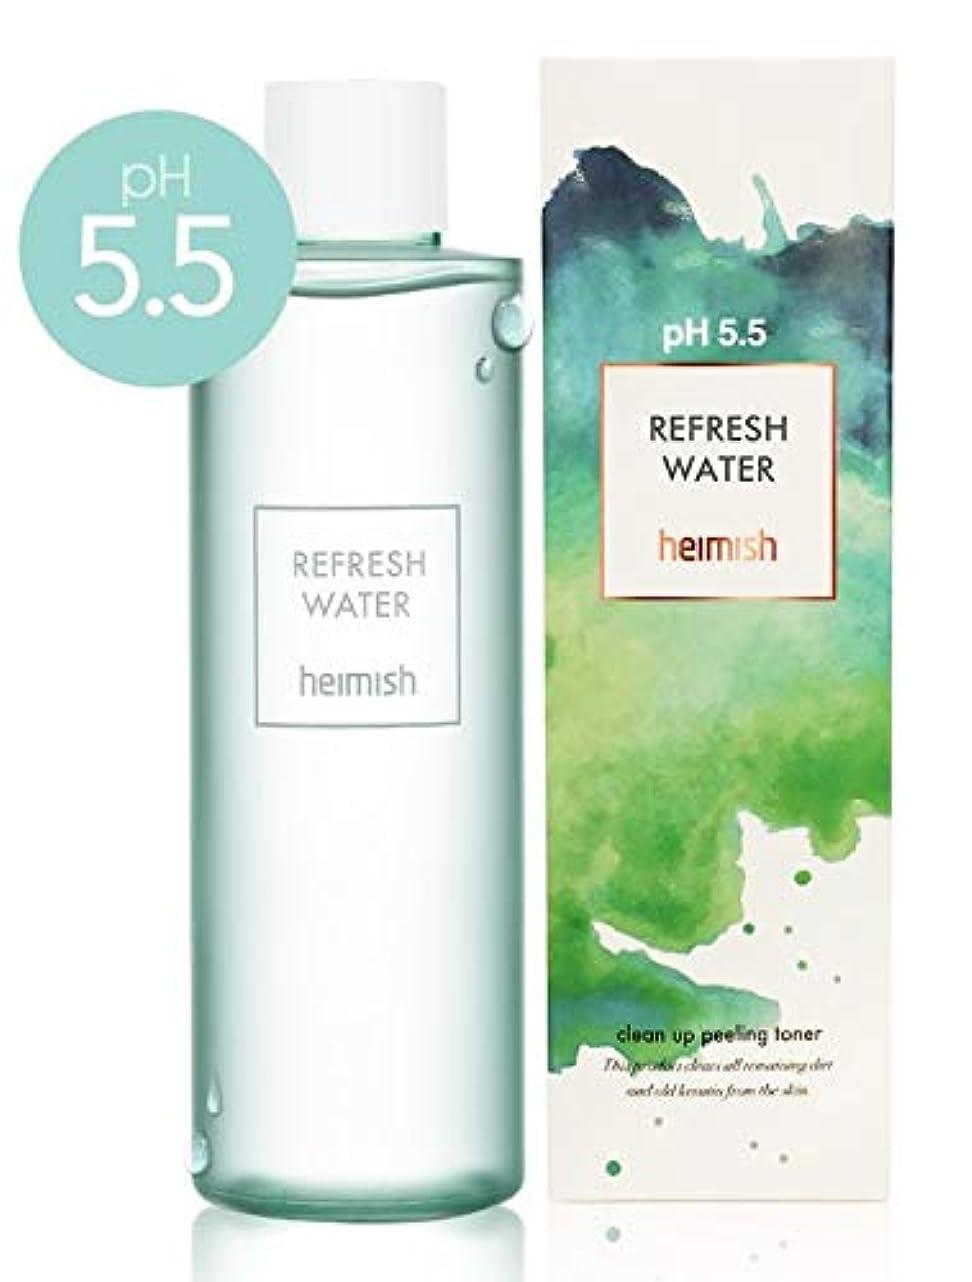 契約するマーティフィールディング虹Heimish pH5.5 Refresh Water/ヘイミッシュリフレッシュ ウォーター 250ml [並行輸入品]